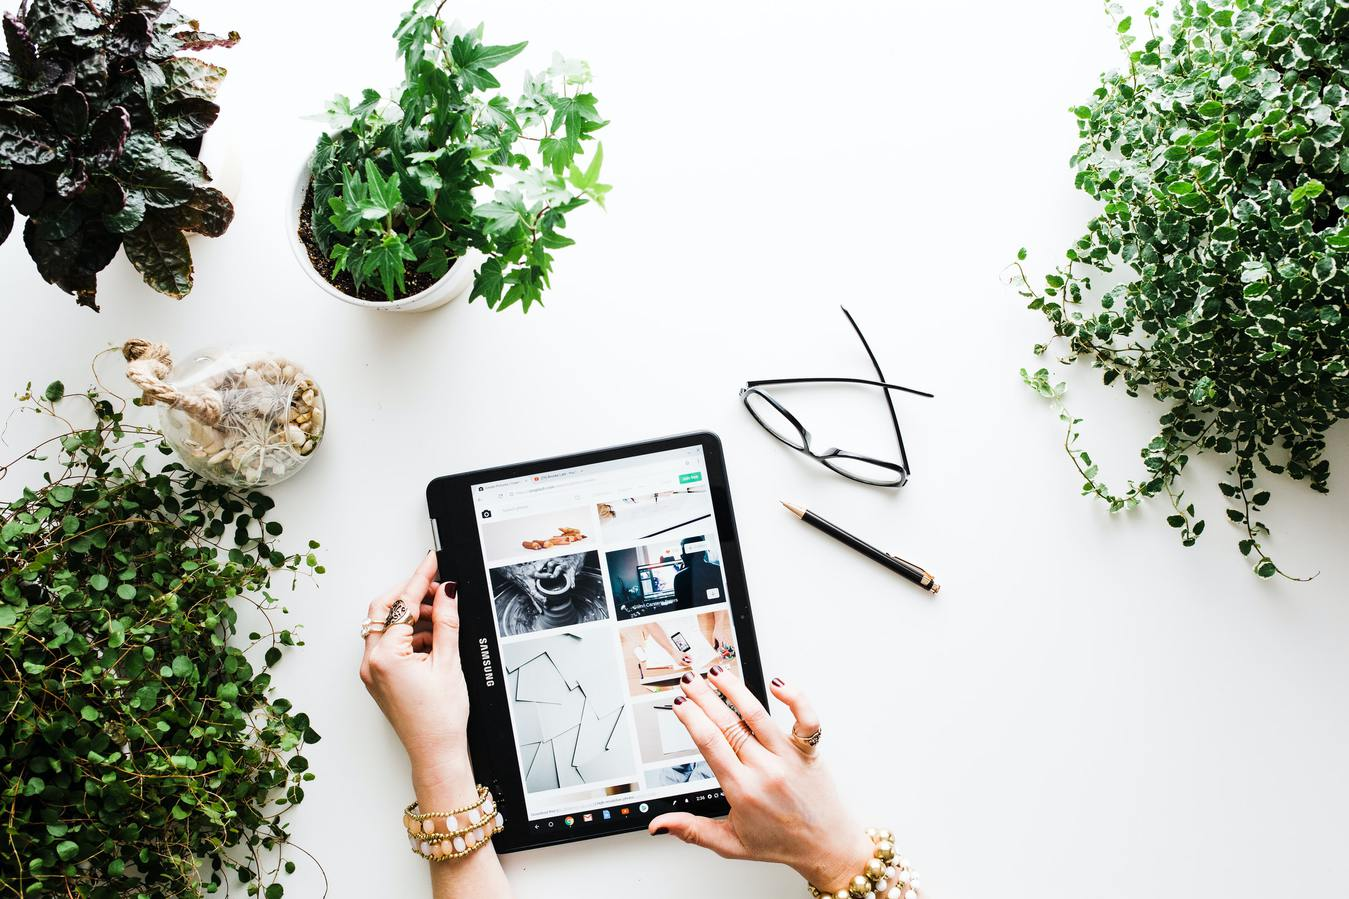 Pessoa a navegar numa loja de eCommerce num tablet com plantas